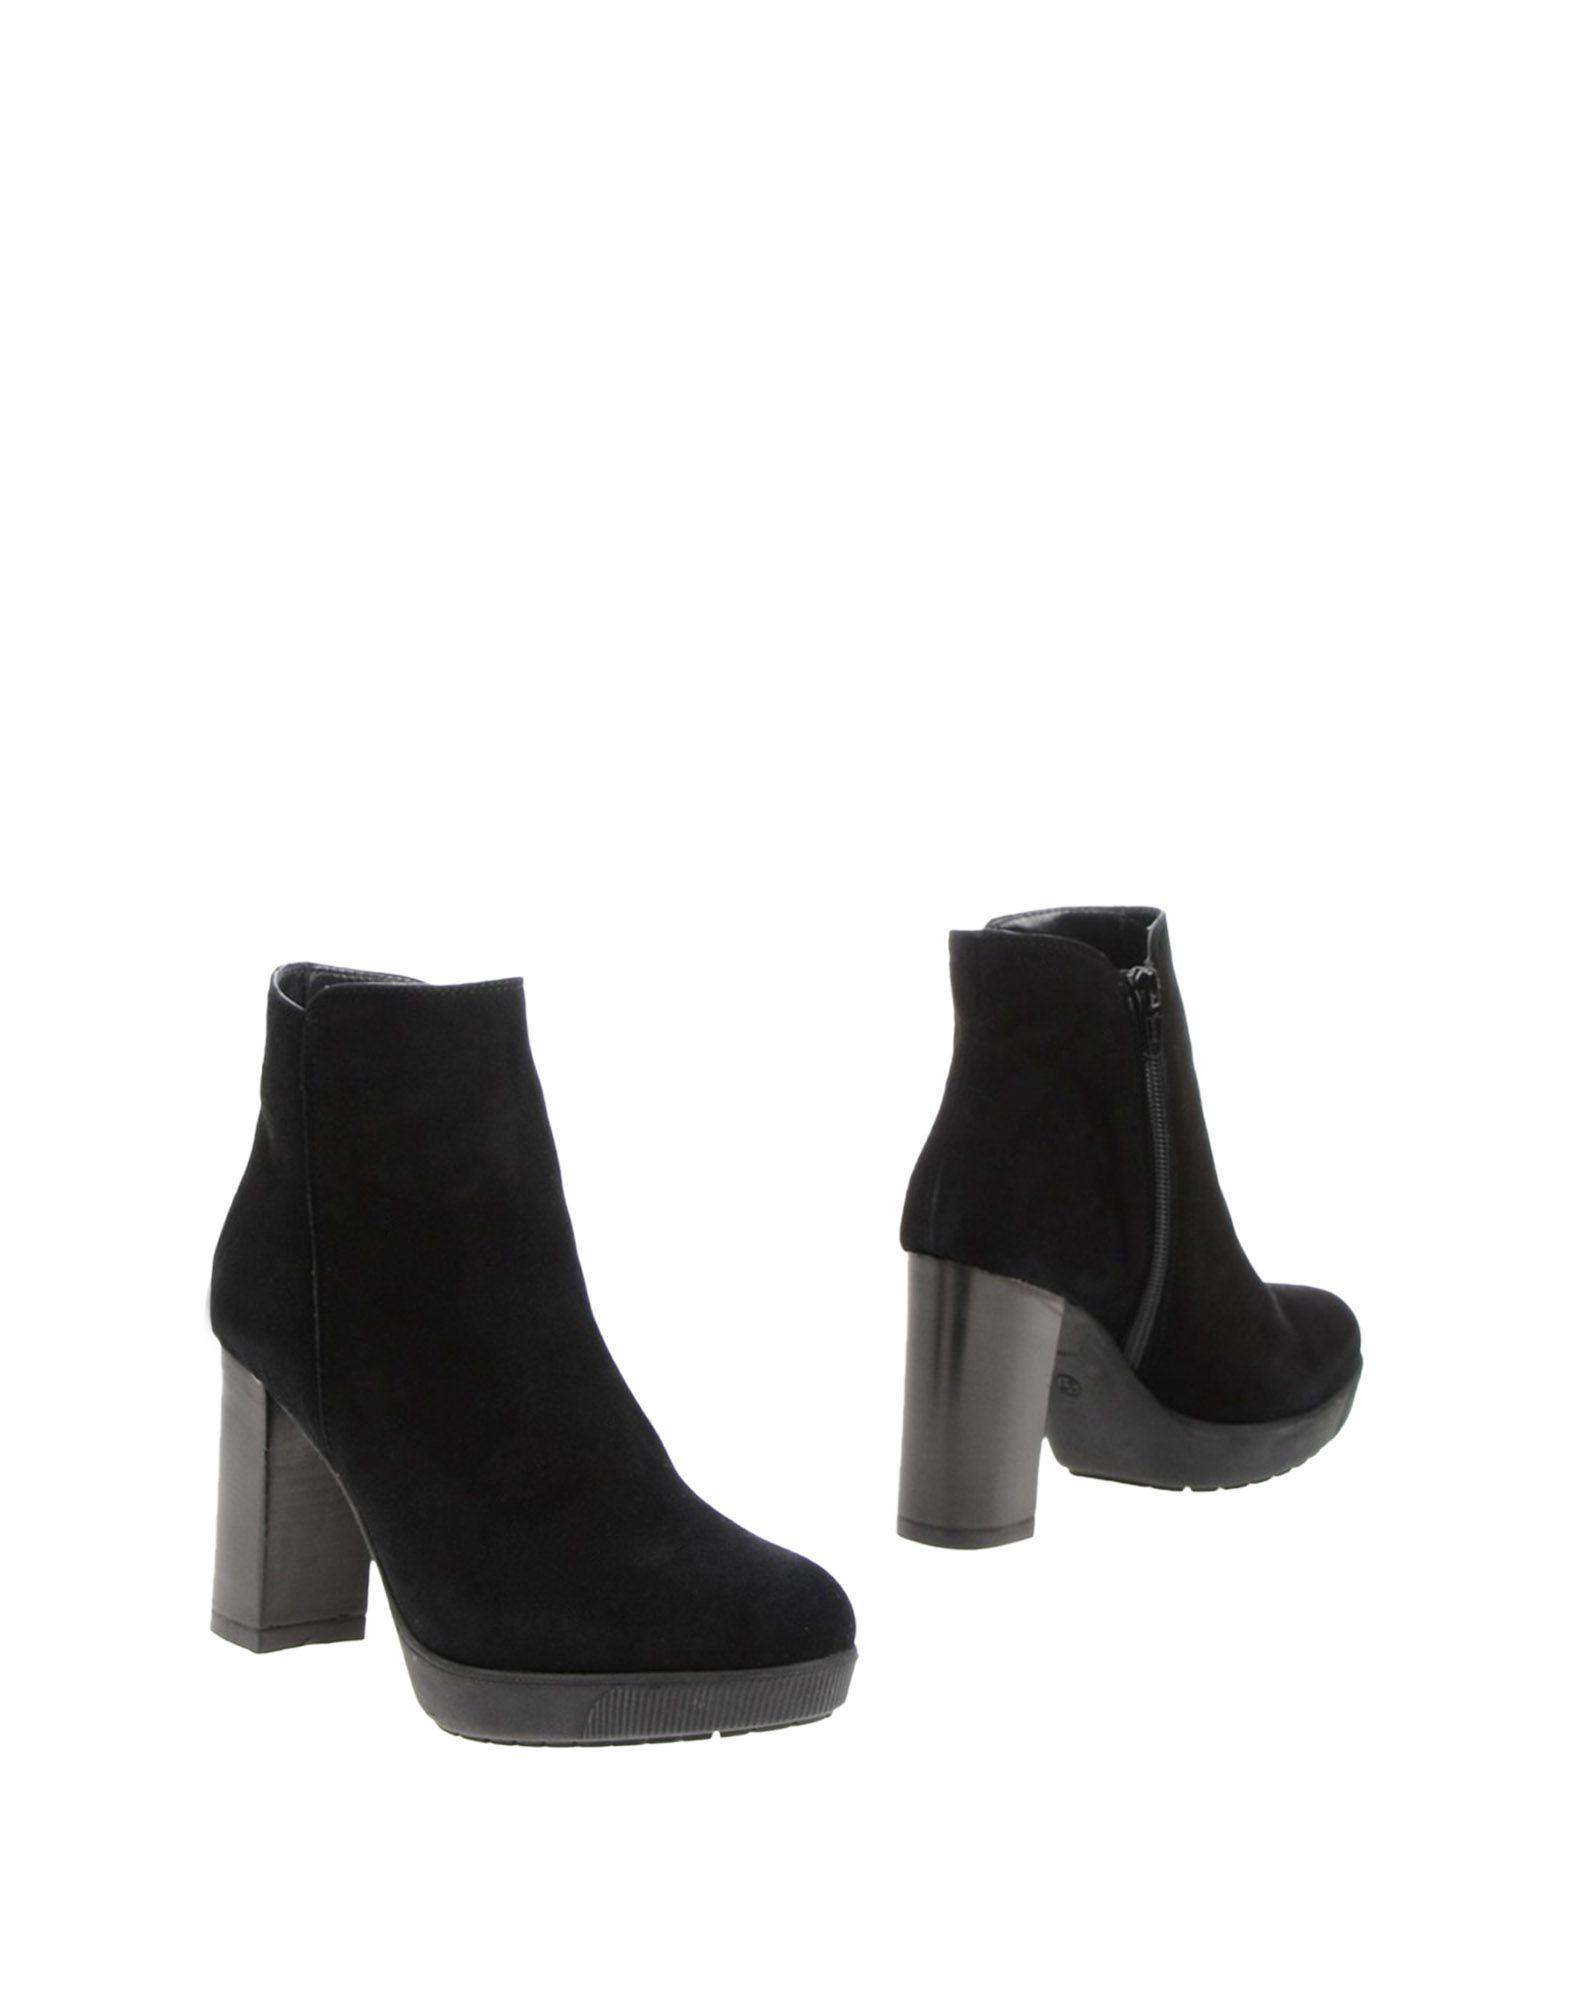 Merygen Stiefelette Damen  11406708AT Gute Qualität beliebte Schuhe